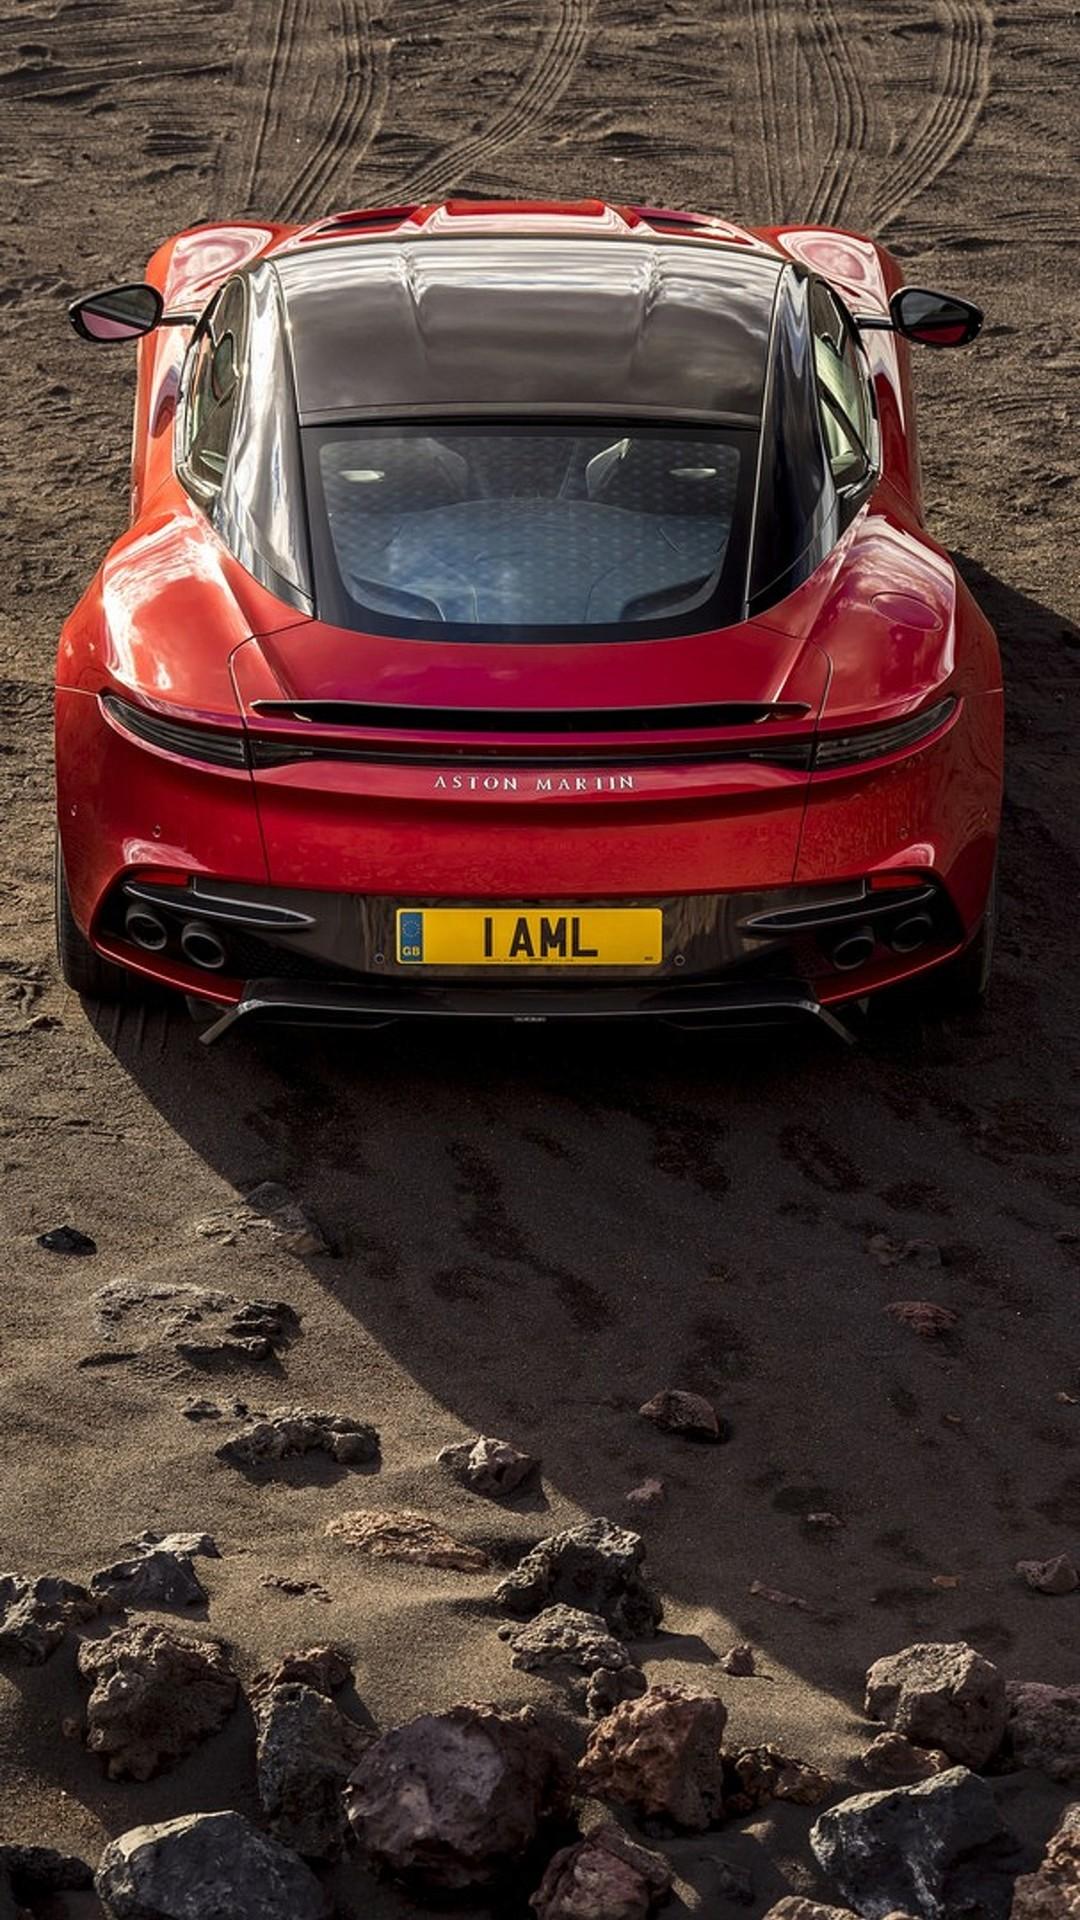 Go Configure The 2019 Aston Martin Dbs Superleggera Of Your Dreams